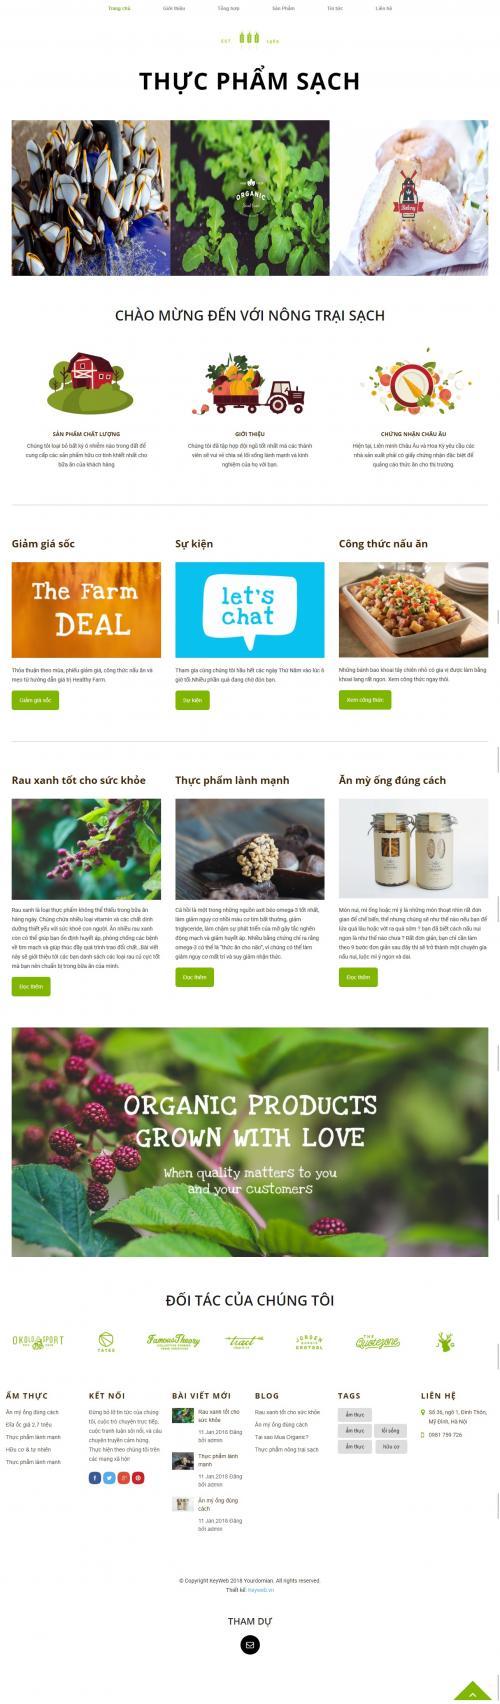 Thiết kế website bán thực phẩm sạch